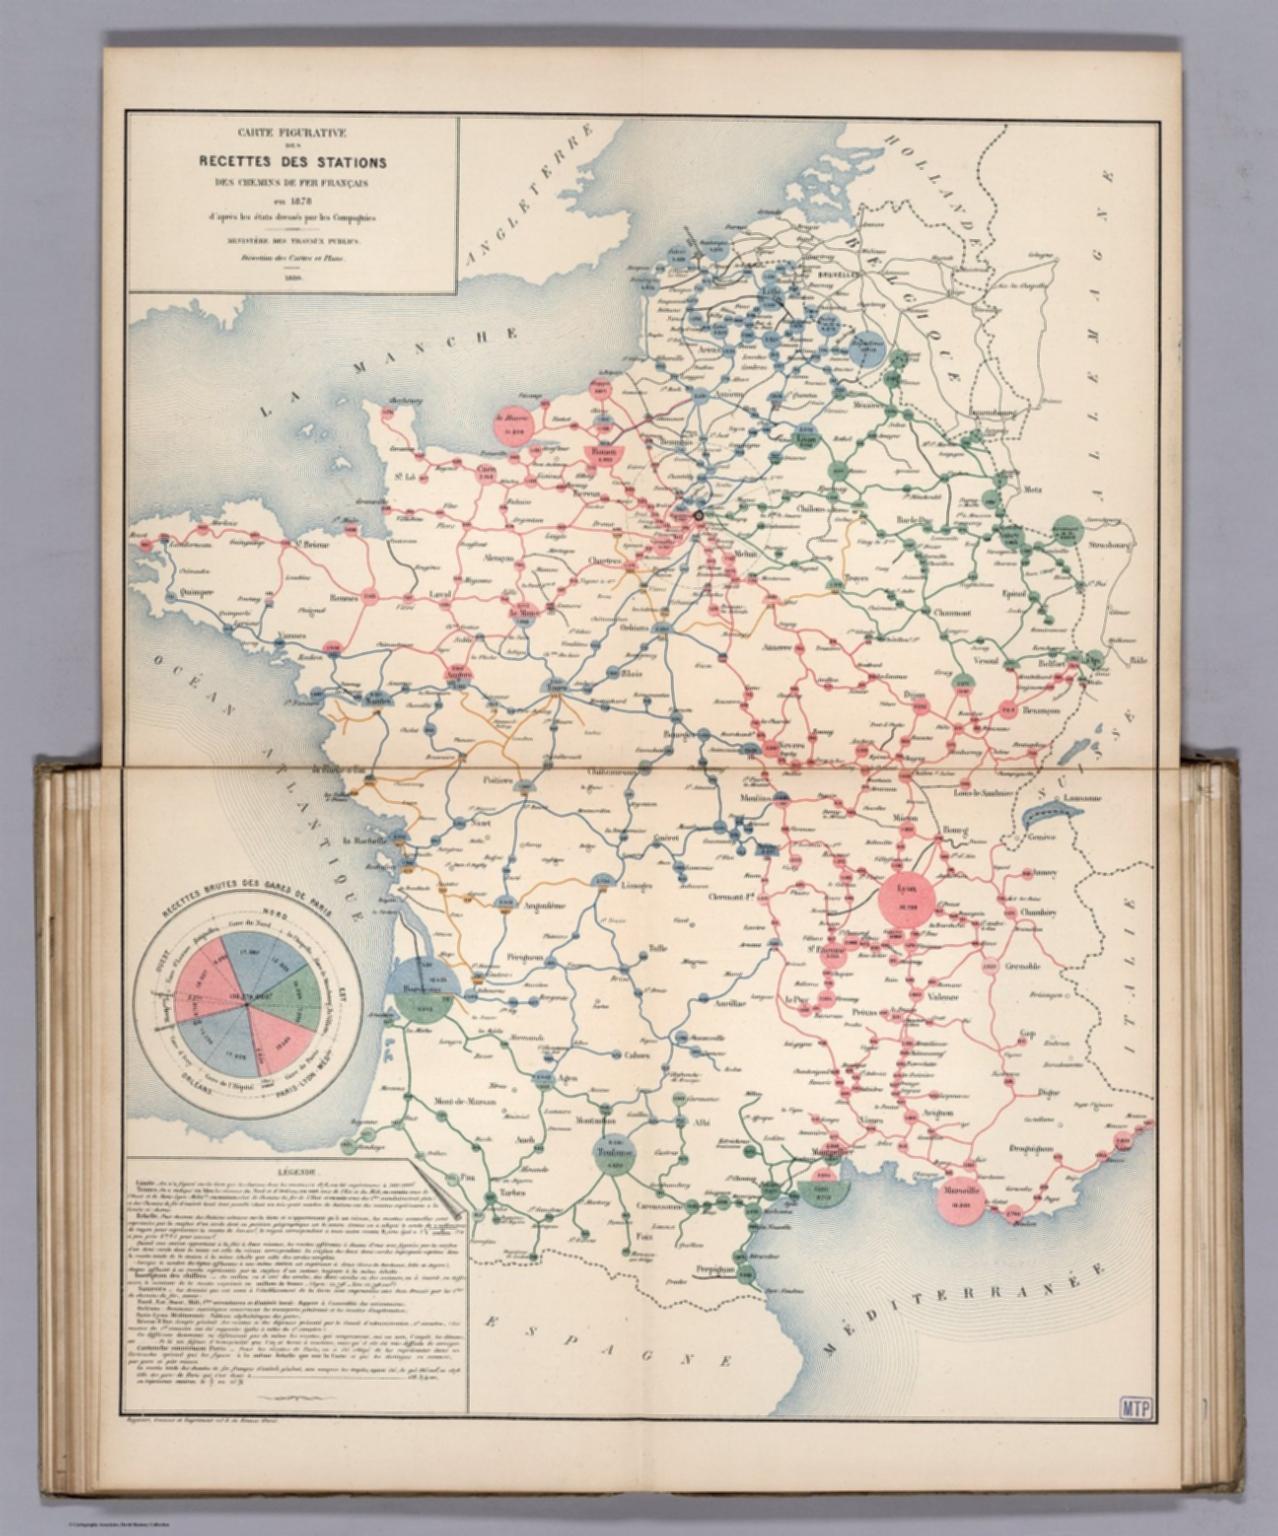 Carte Figurative des Recettes des Stations des Chemins de Fer Francais en 1878. (Gross earnings of the stations of the railroads in 1878)